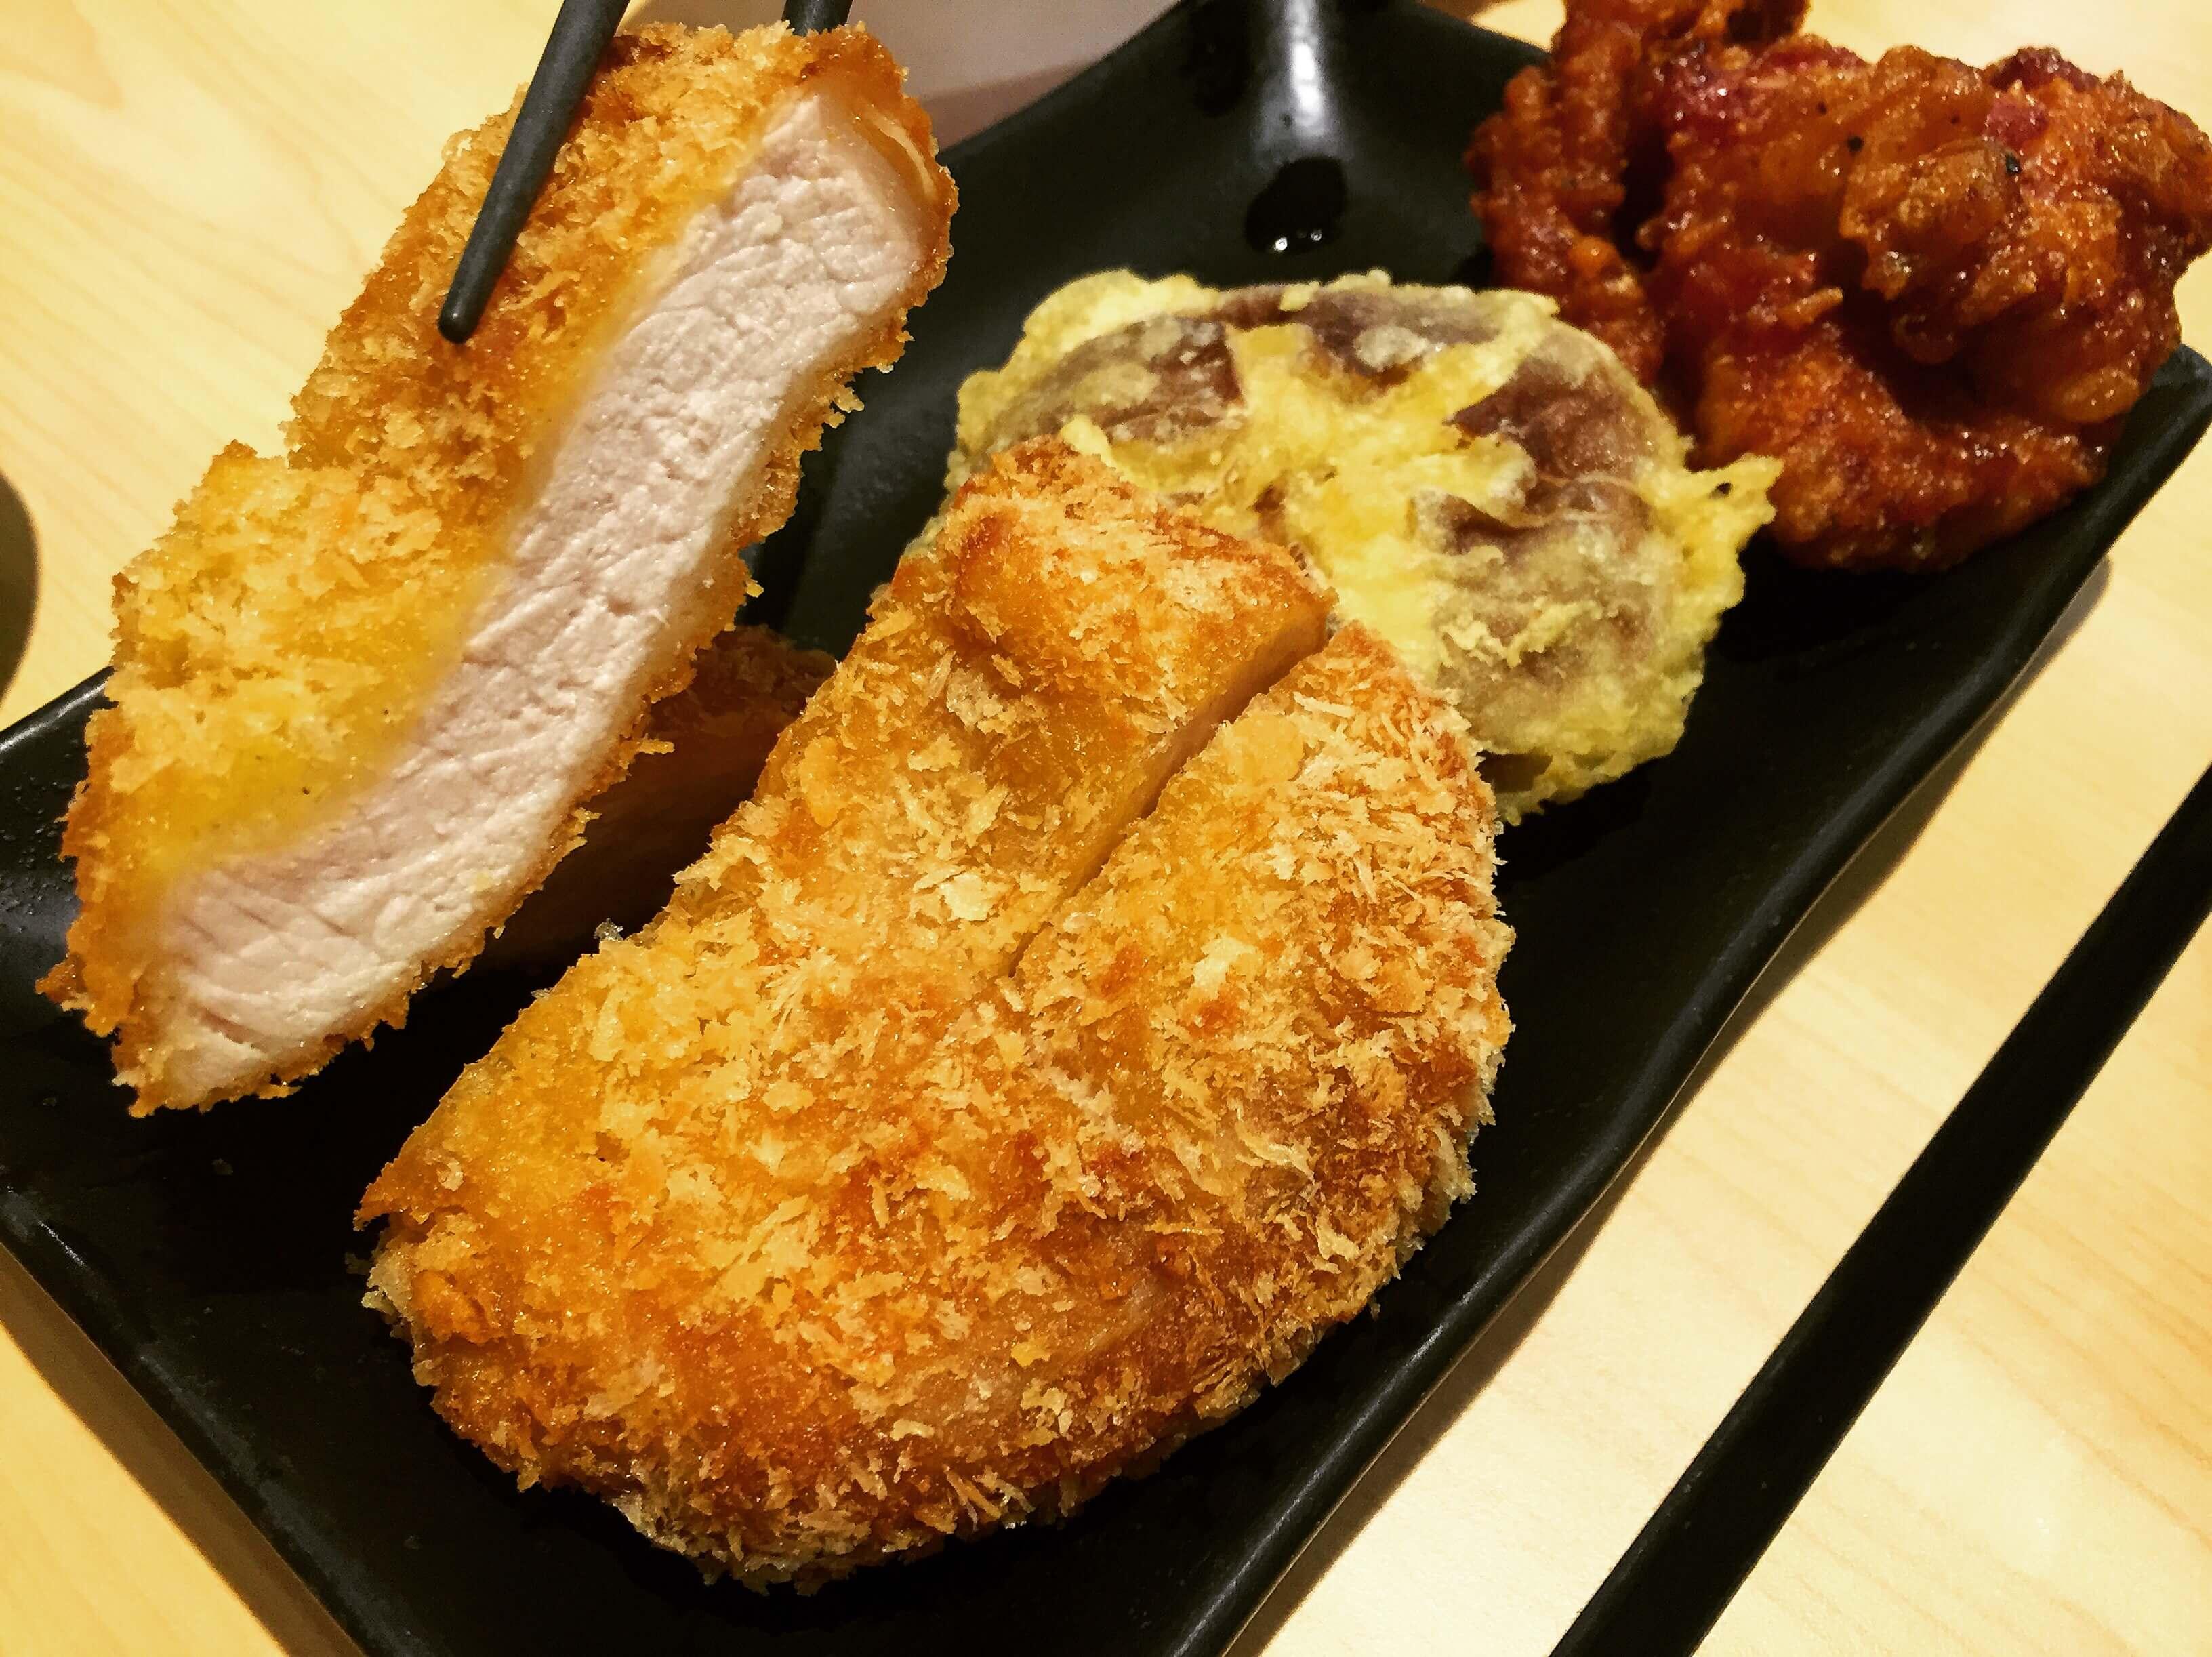 米澤製麵古亭店的厚實豬排。(圖/吐司客拍攝)